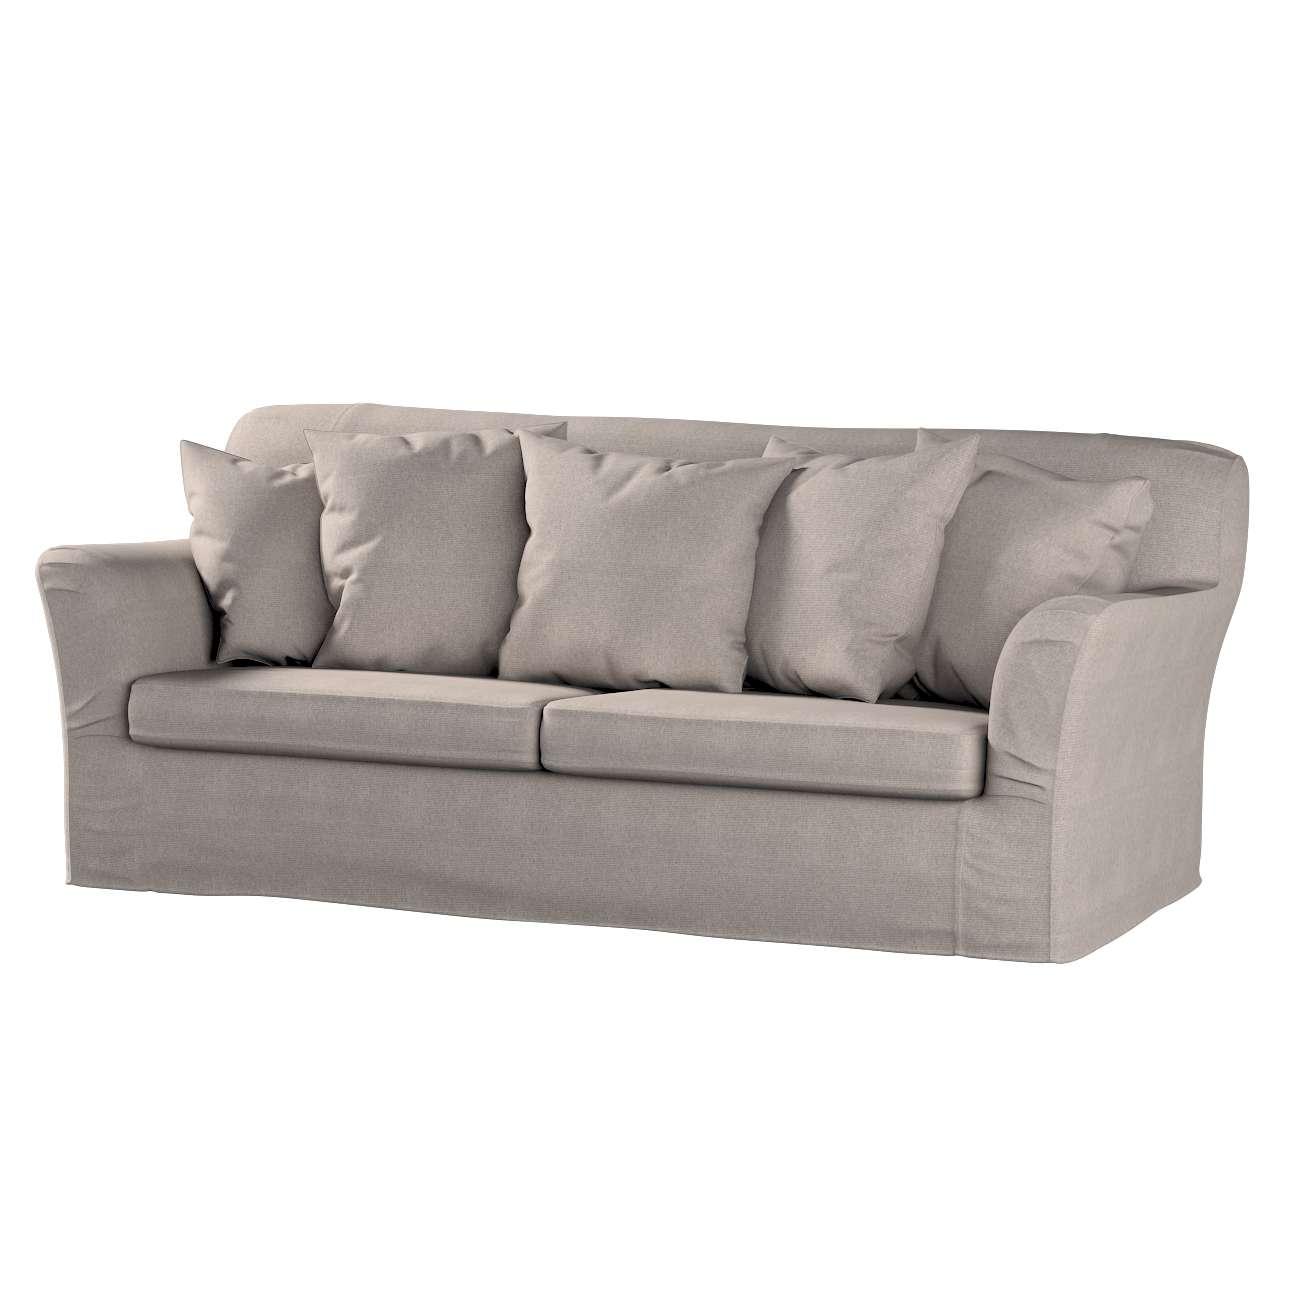 TOMELILLA trivietės sofos lovos užvalkalas TOMELILLA trivietė sofa lova kolekcijoje Etna , audinys: 705-09